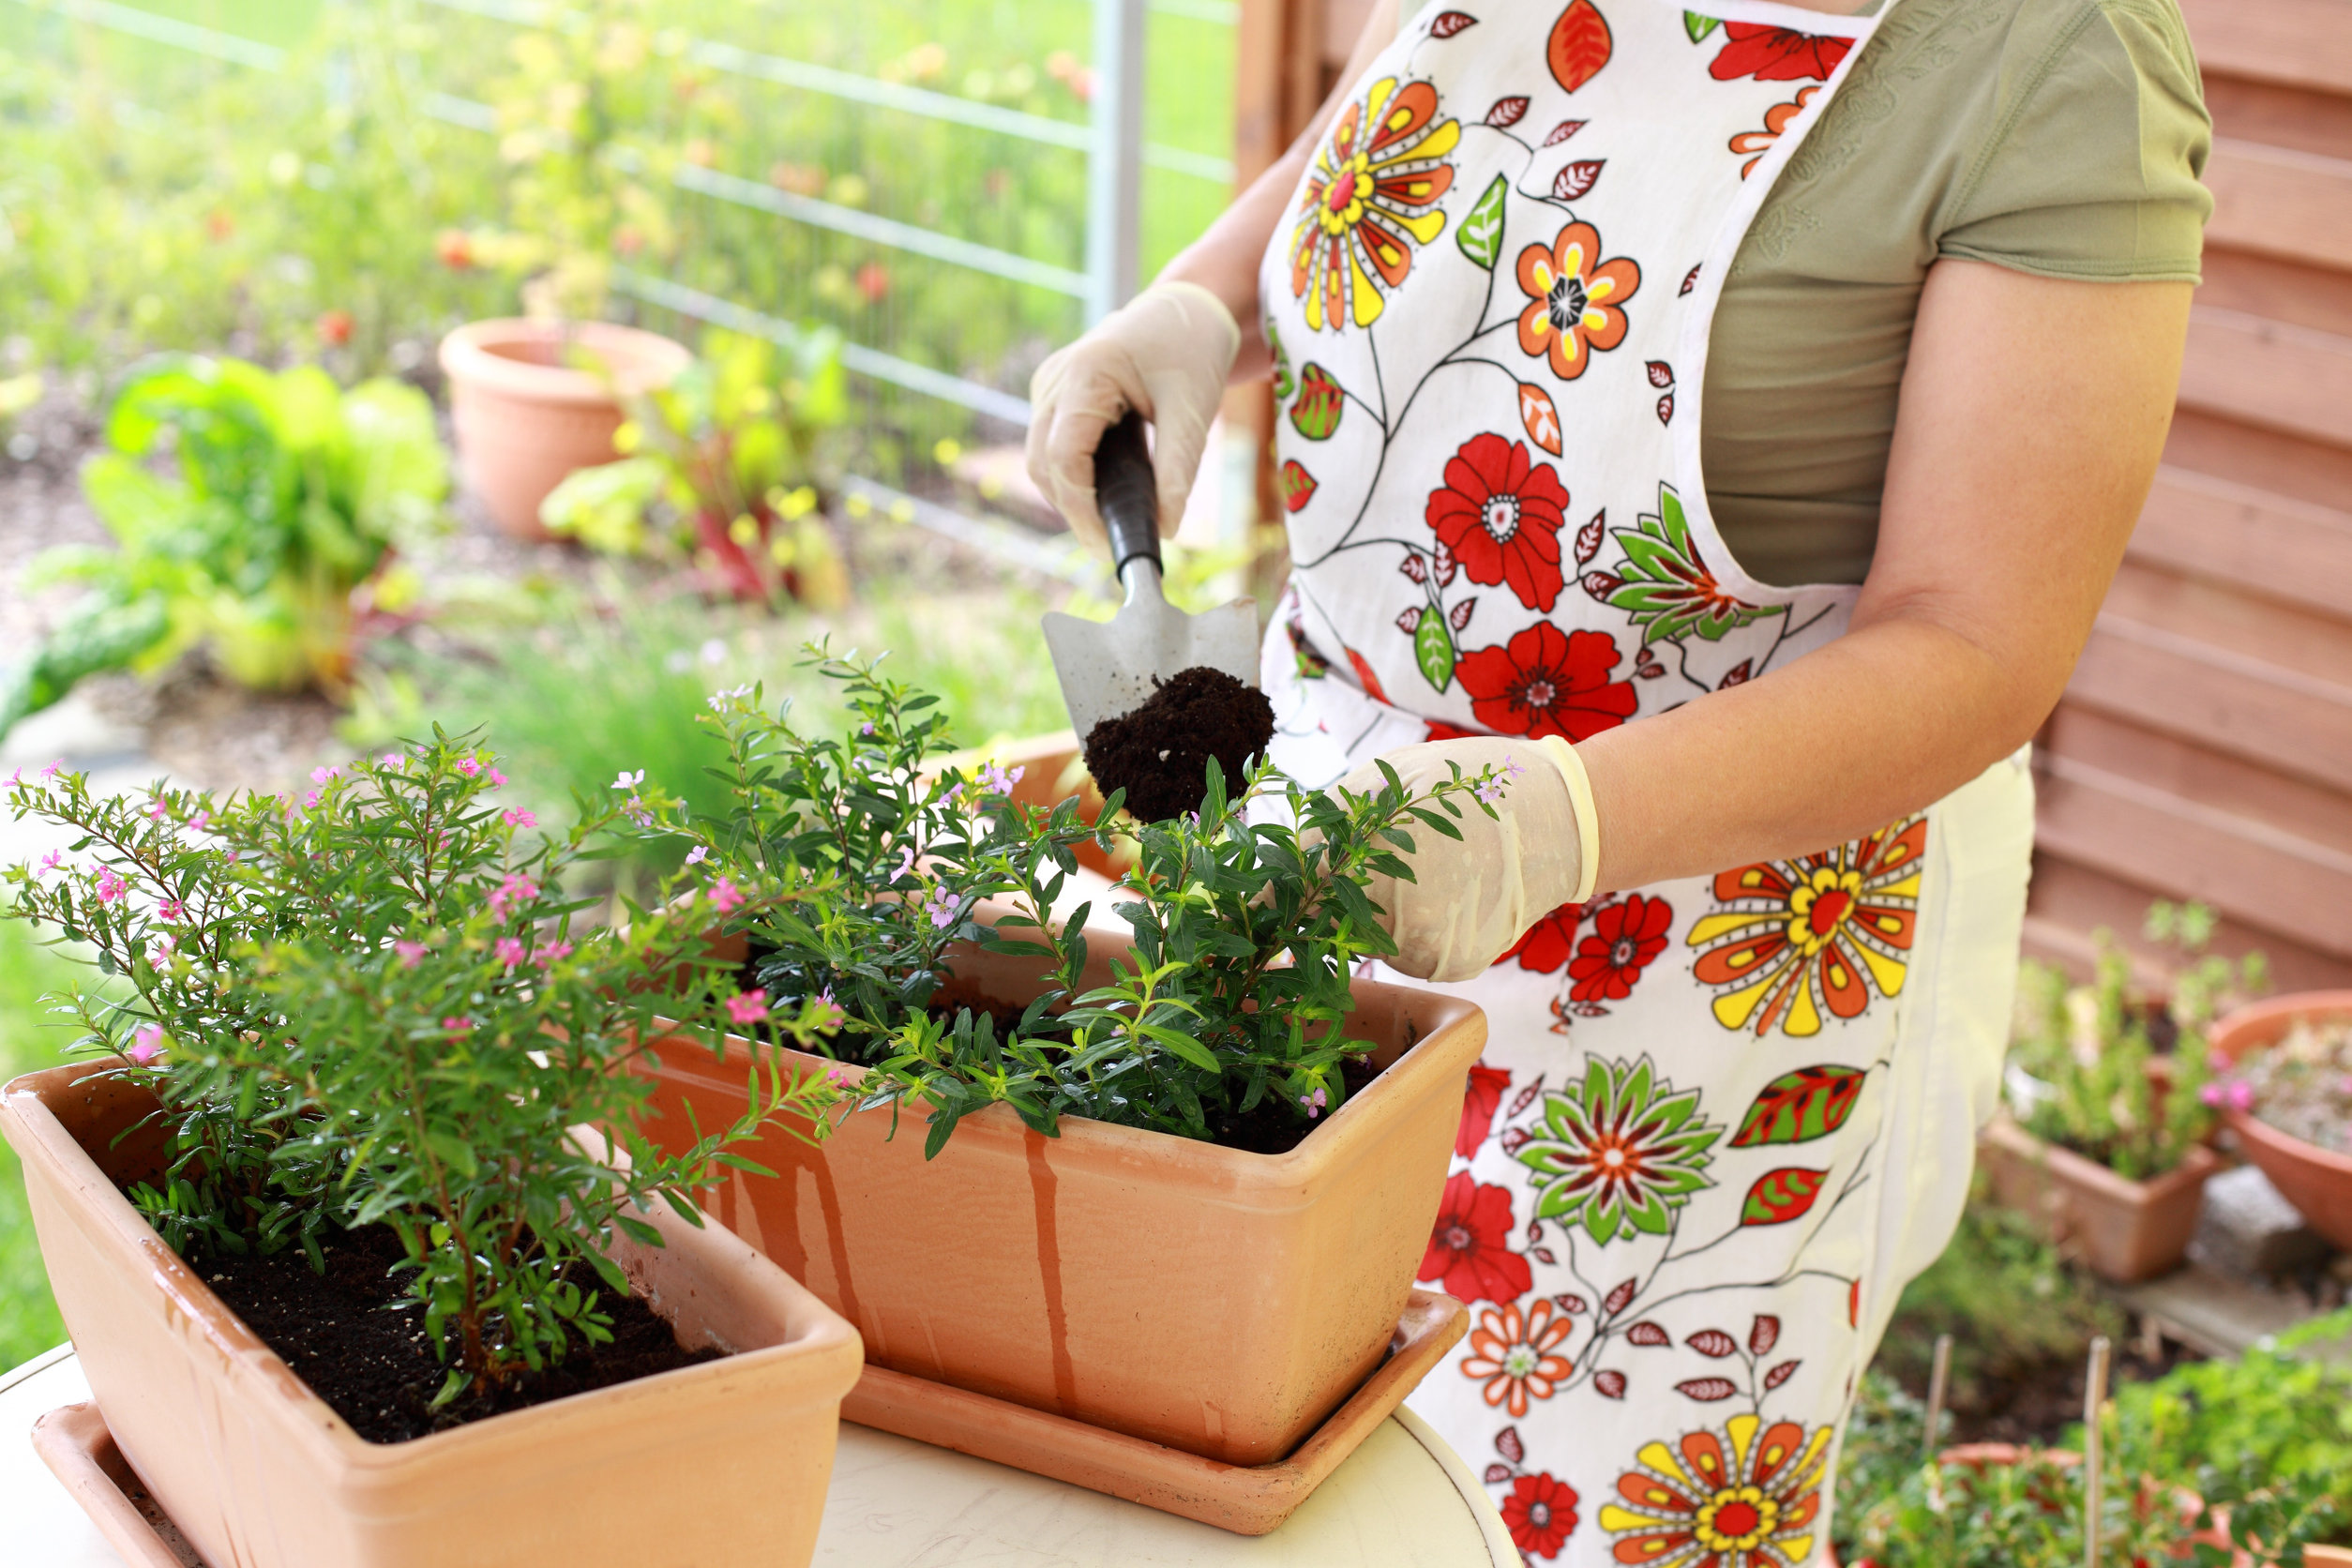 Persona plantado flores en maceta